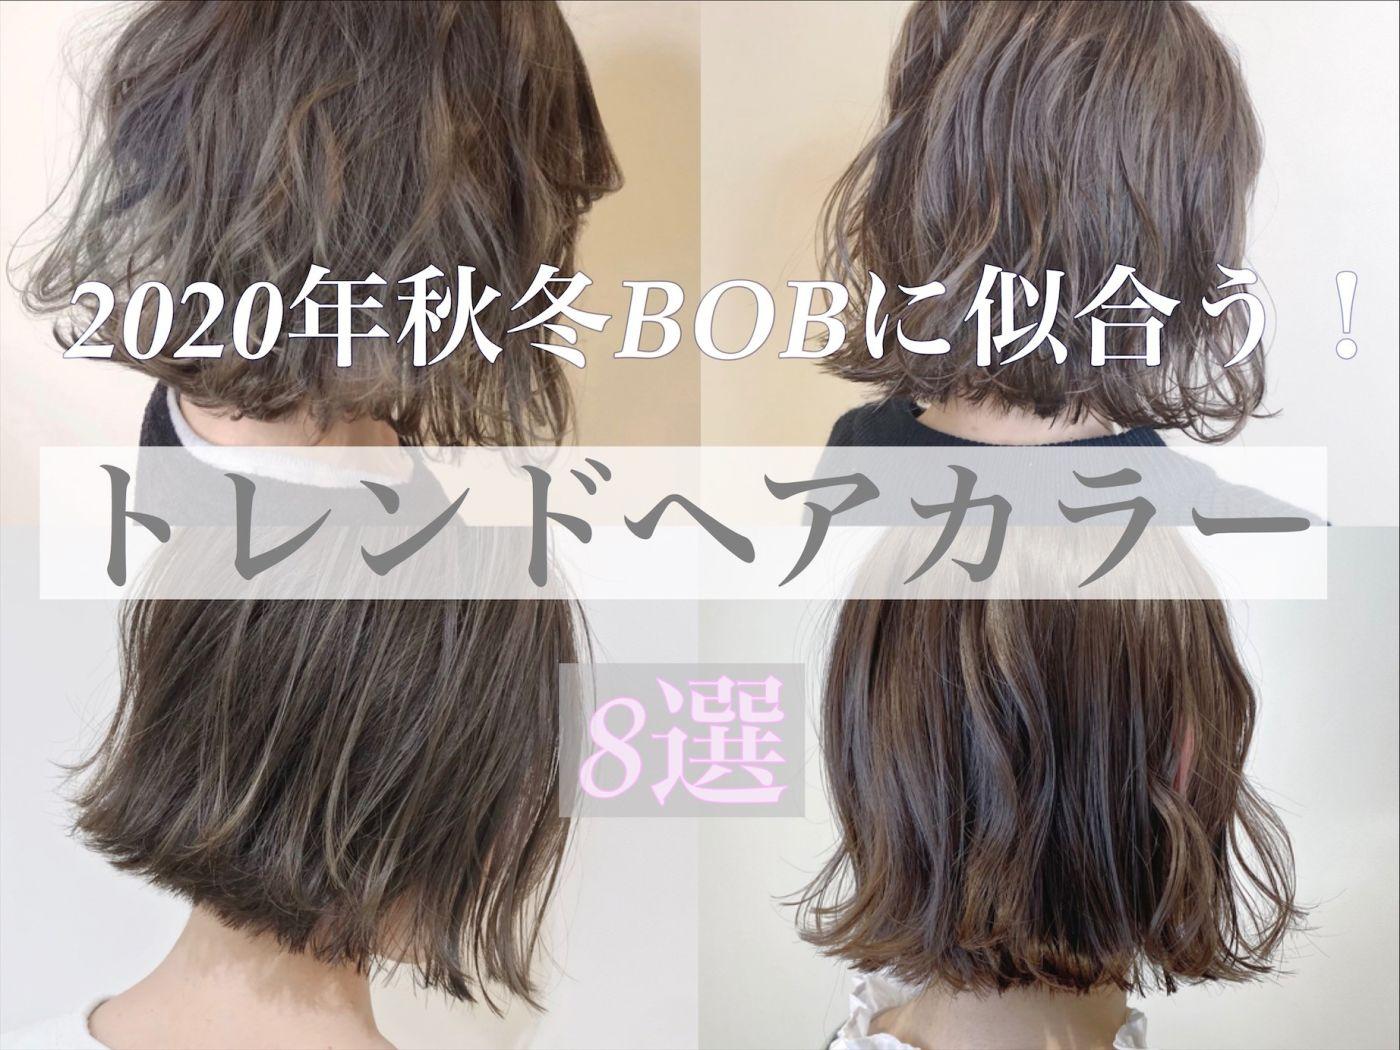 2020秋冬!BoBに似合うトレンドヘアカラー8選